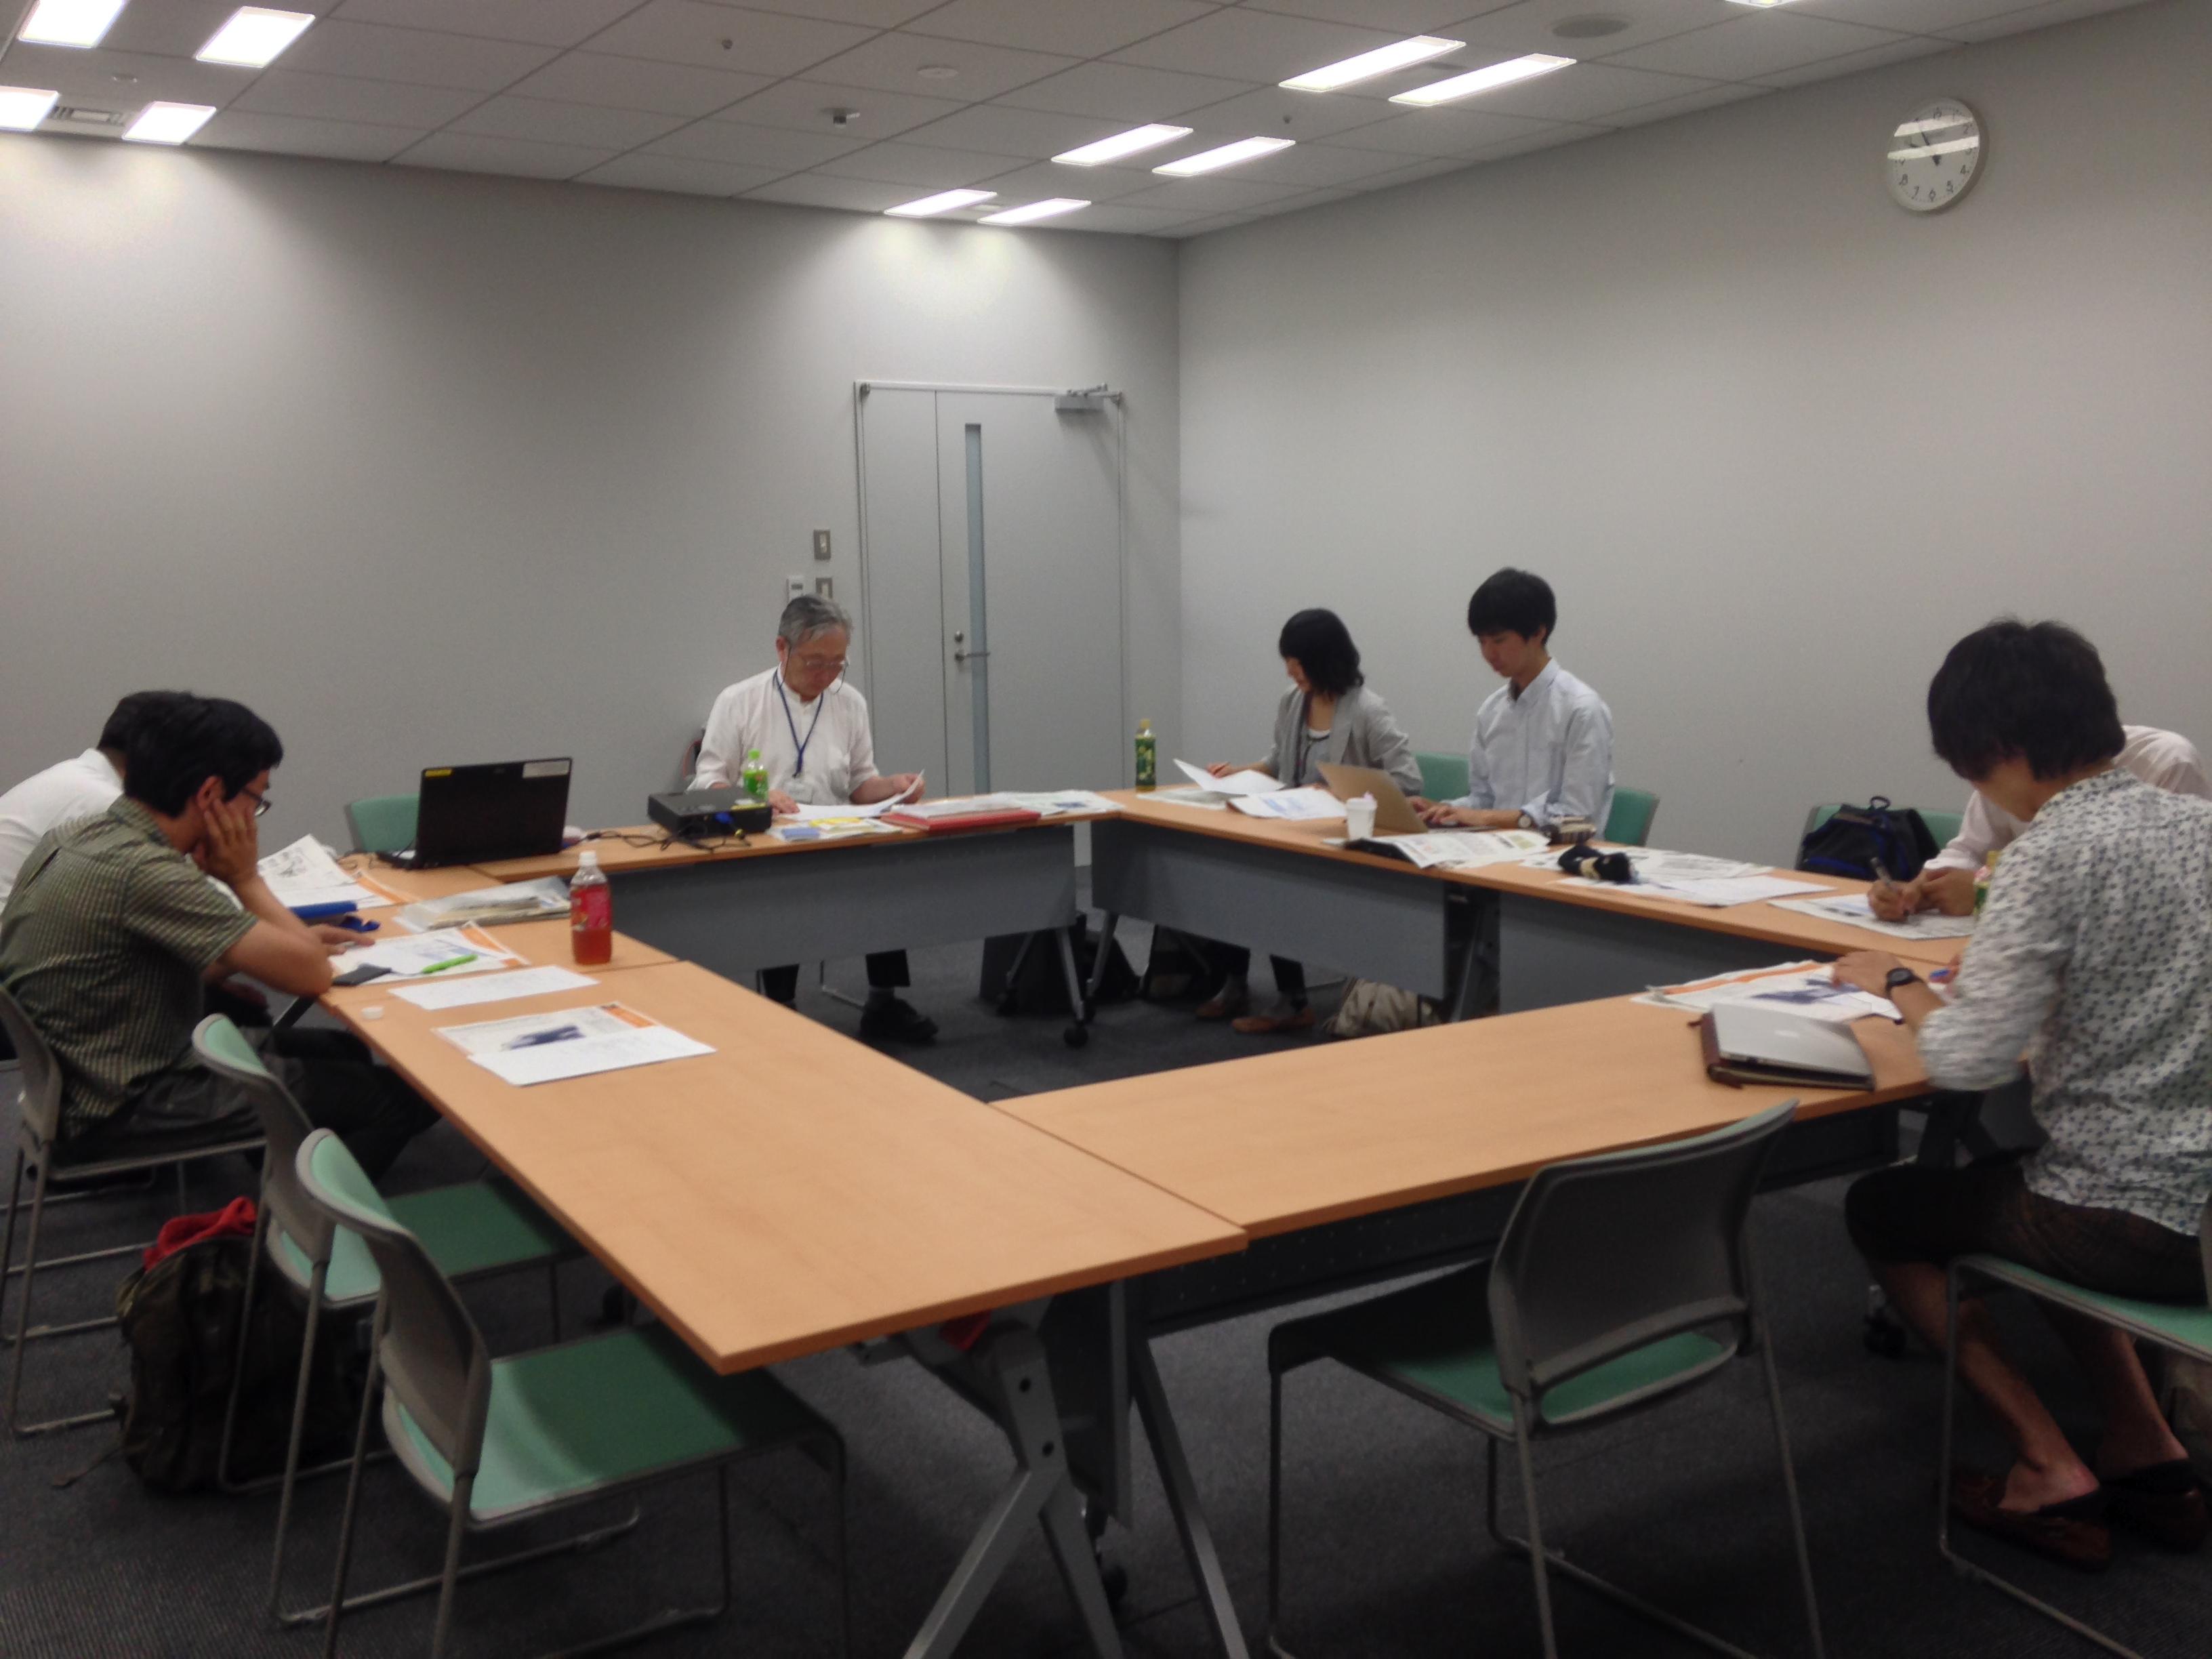 http://ud.t.u-tokyo.ac.jp/blog/_images/IMG_6998.JPG